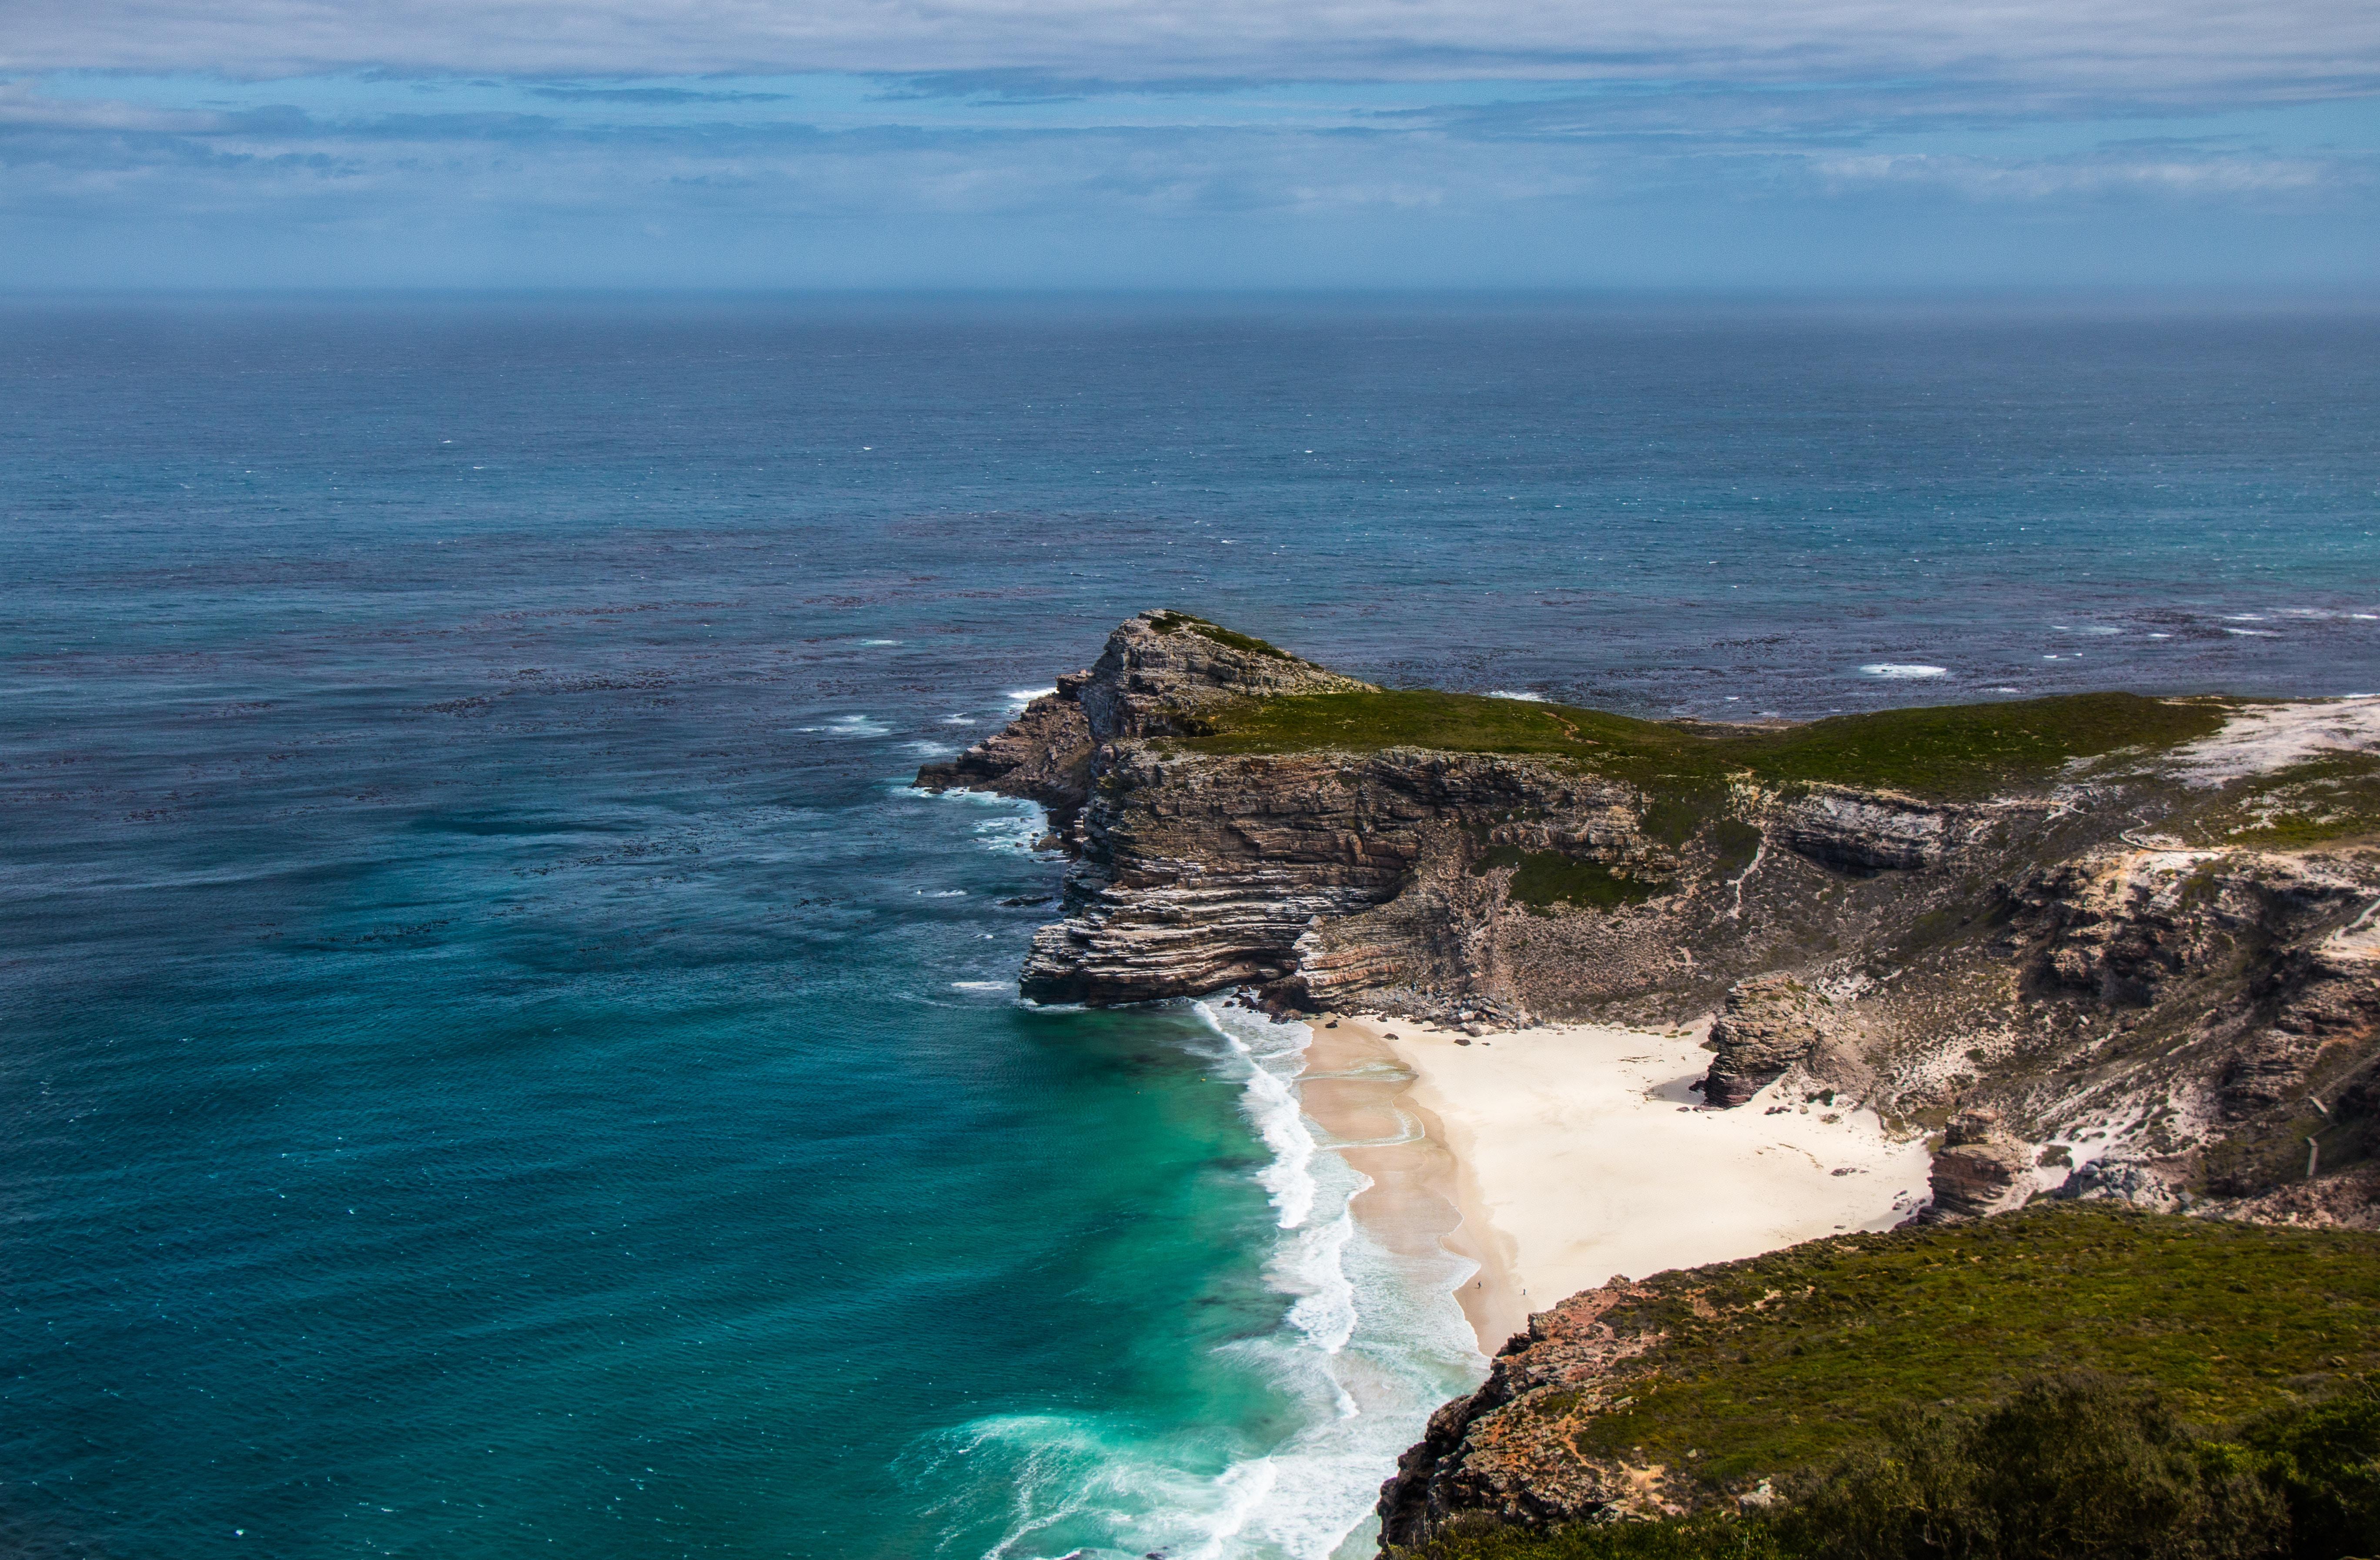 Dias Beach at Cape Point